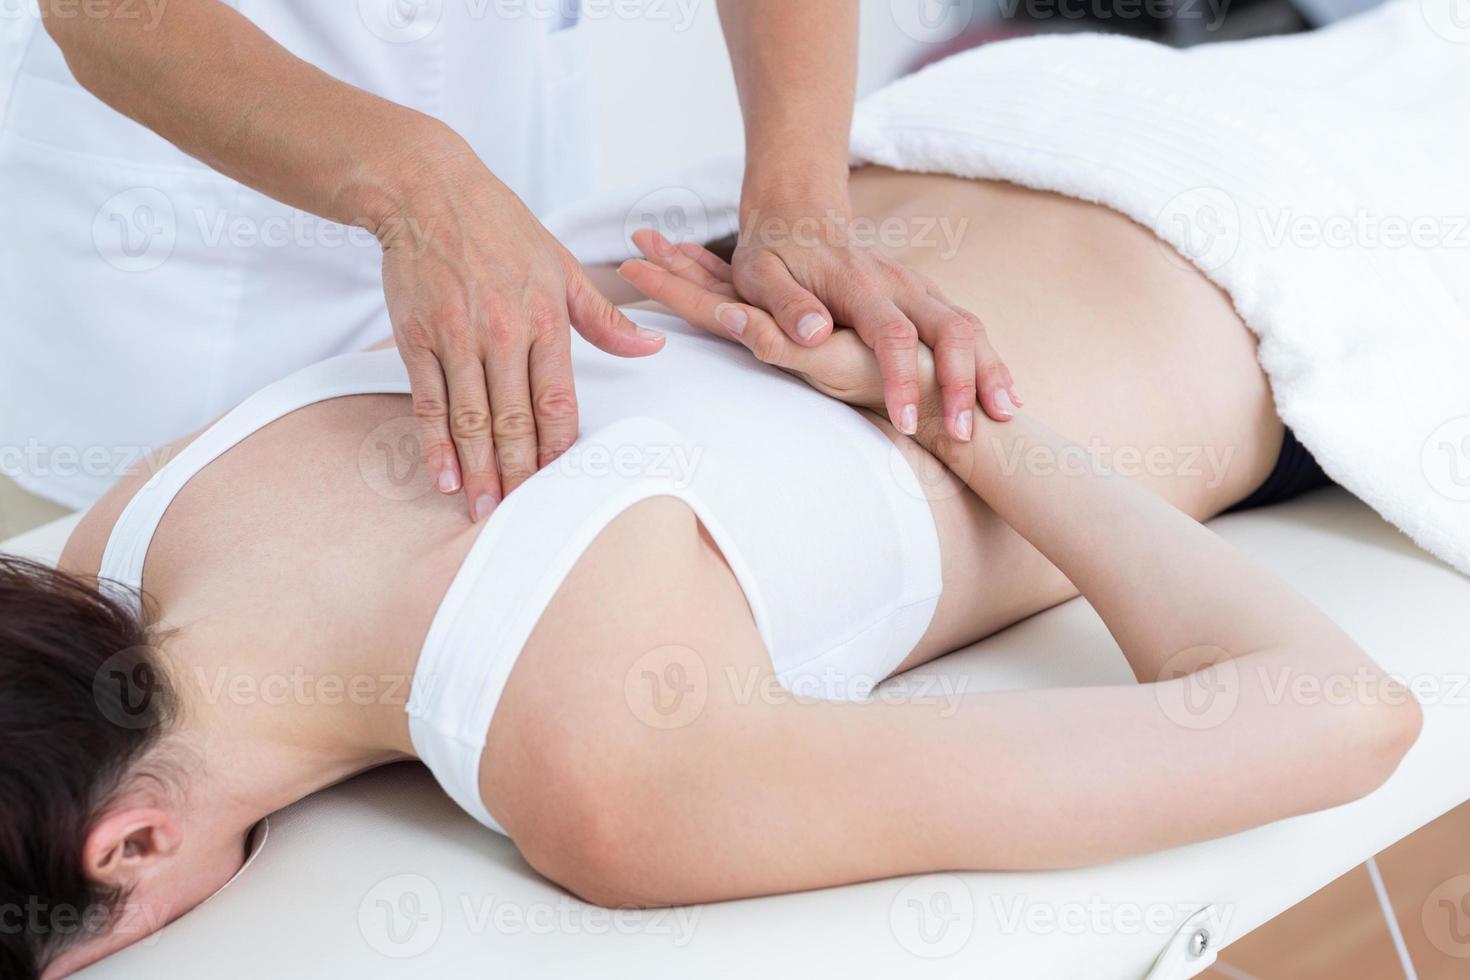 fisioterapeuta haciendo masaje de espalda foto